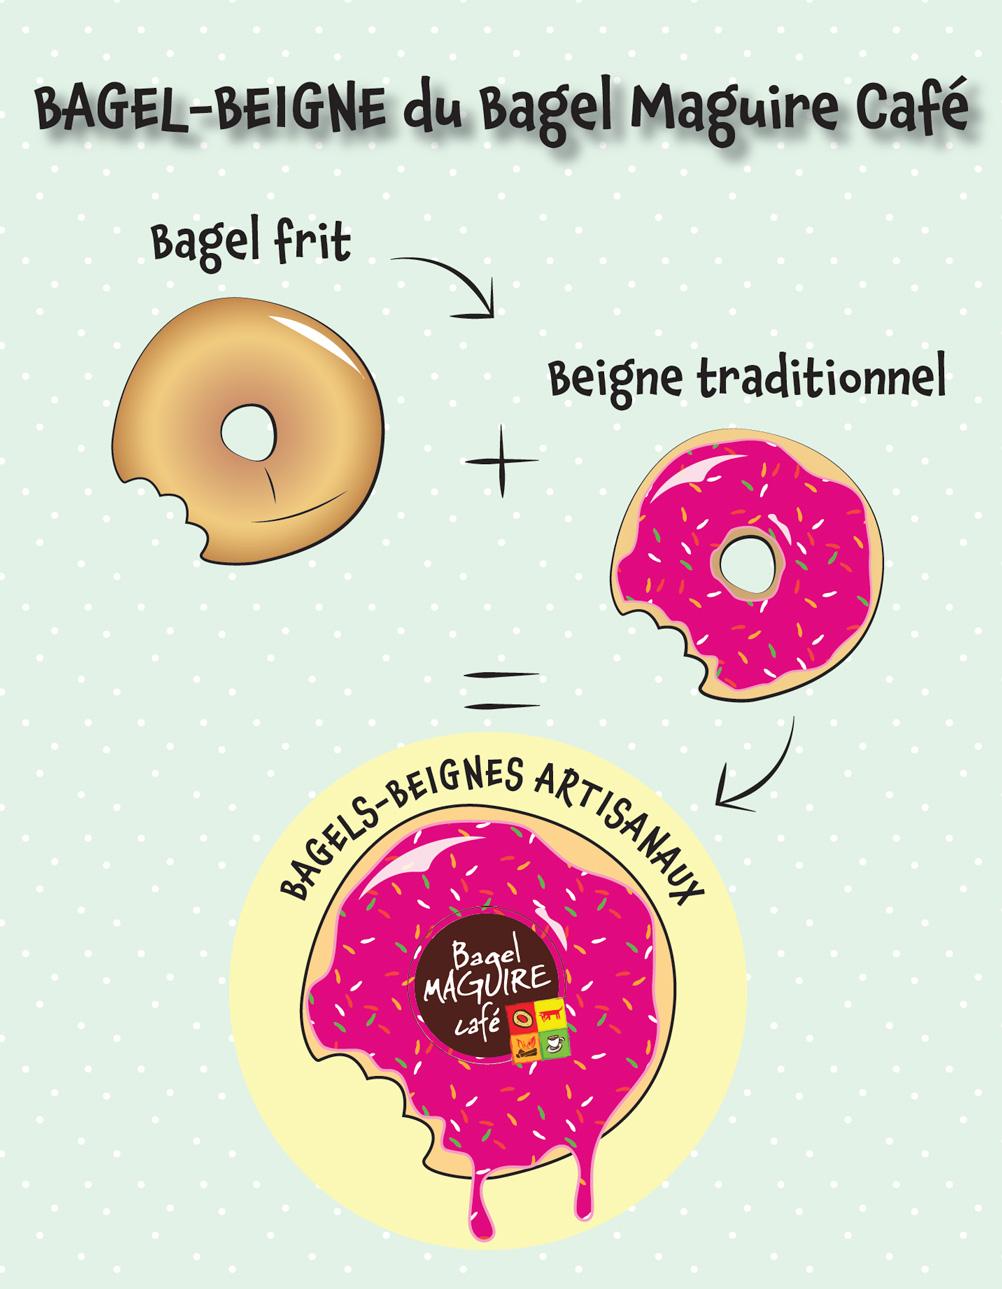 Bagels-Beignes